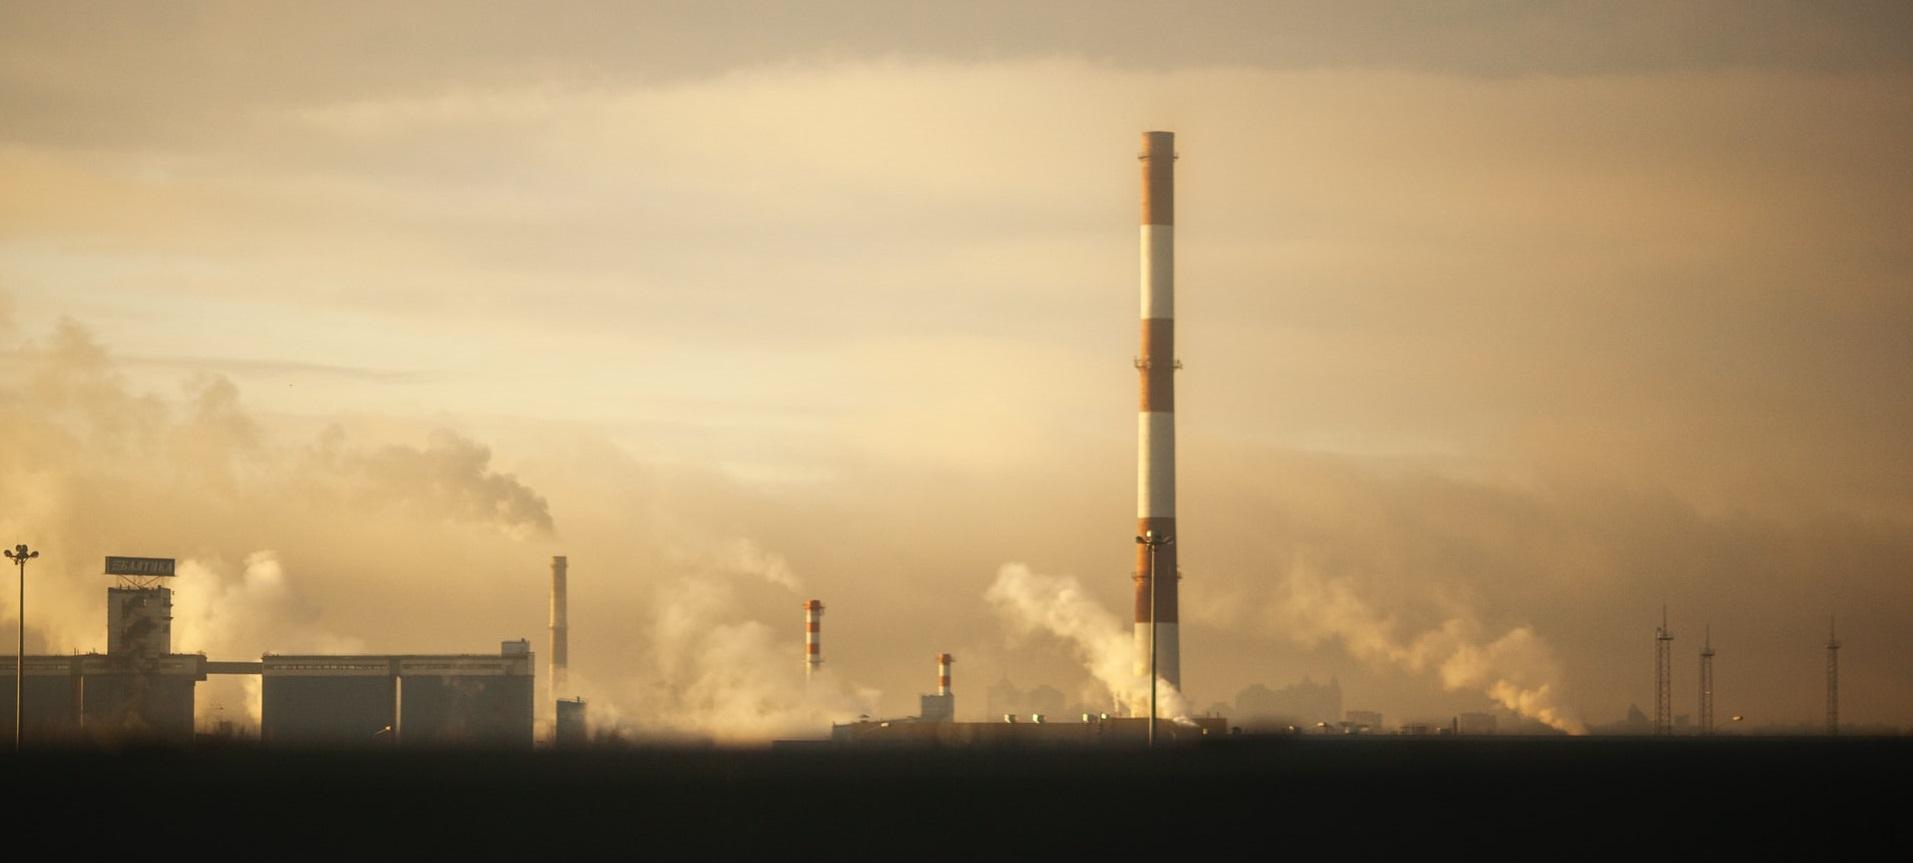 Elektrownie węglowe co roku zabijają ponad 30 tys. osób - Klimat.rp.pl